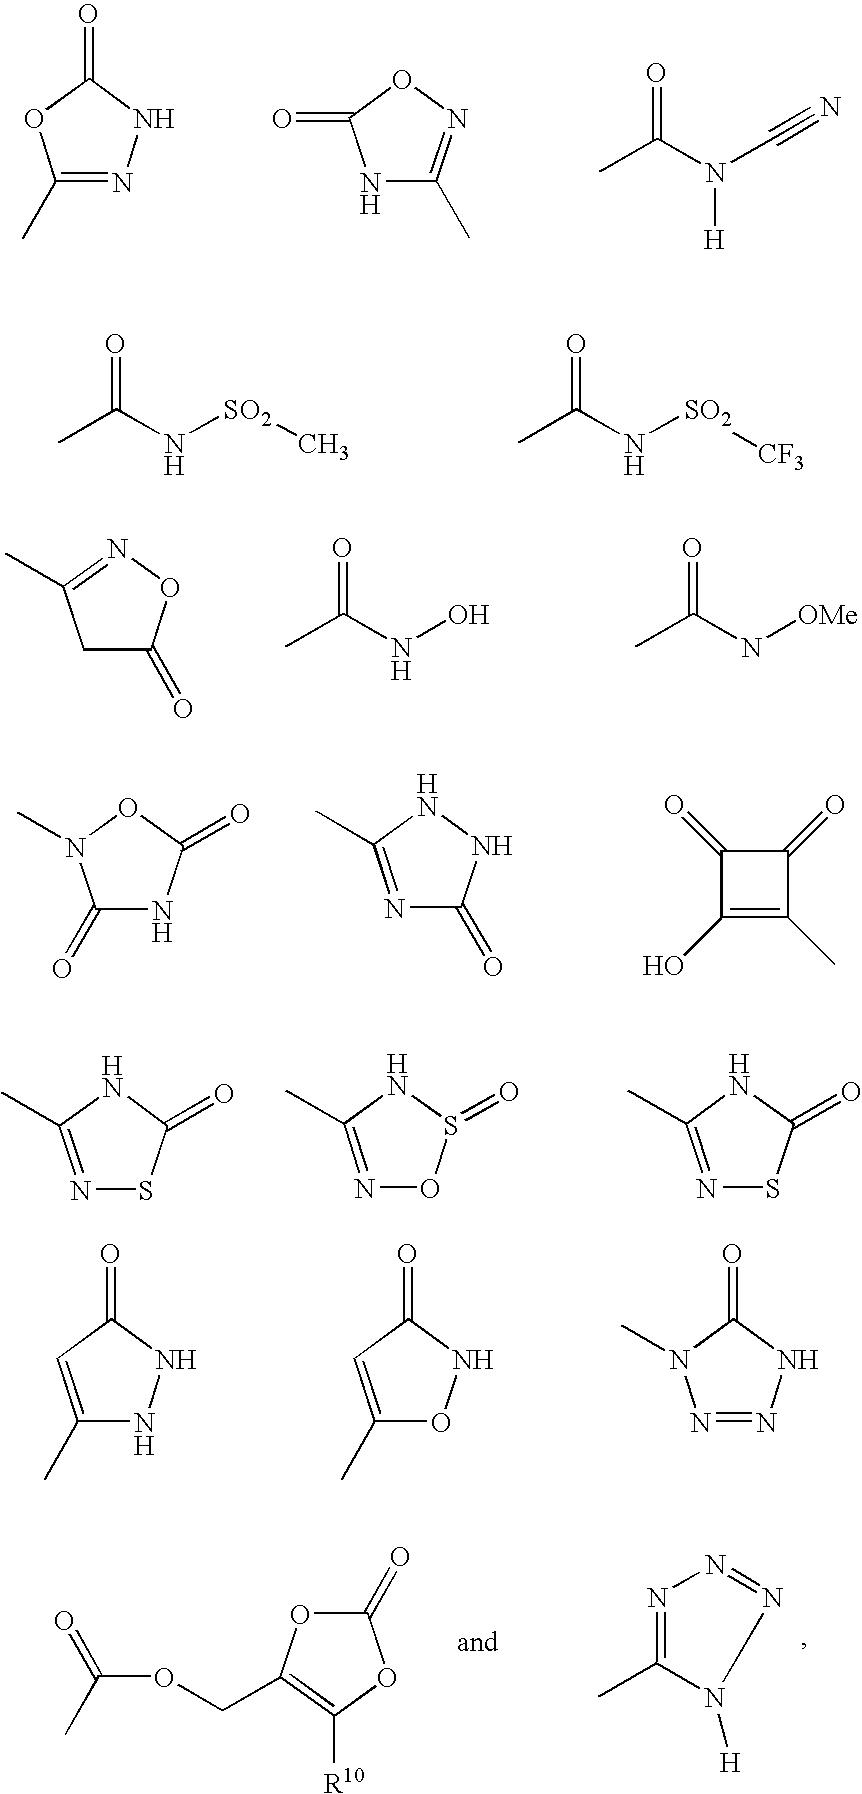 Figure US20050009827A1-20050113-C00046